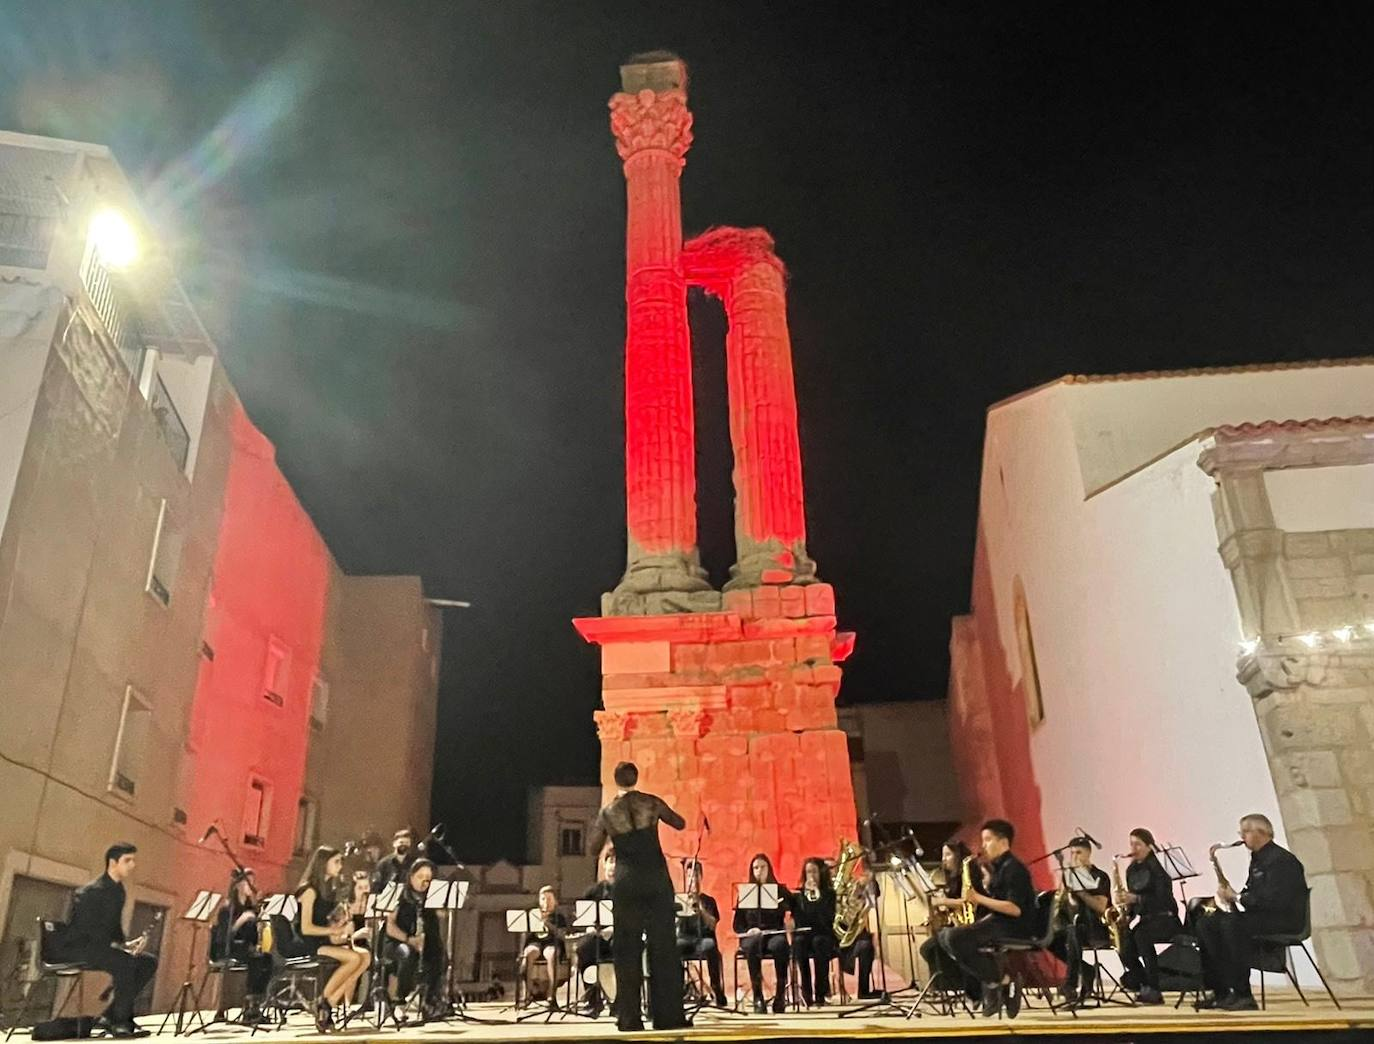 Éxito y emoción en el concierto de la Banda Municipal de Música el pasado 19 de septiembre